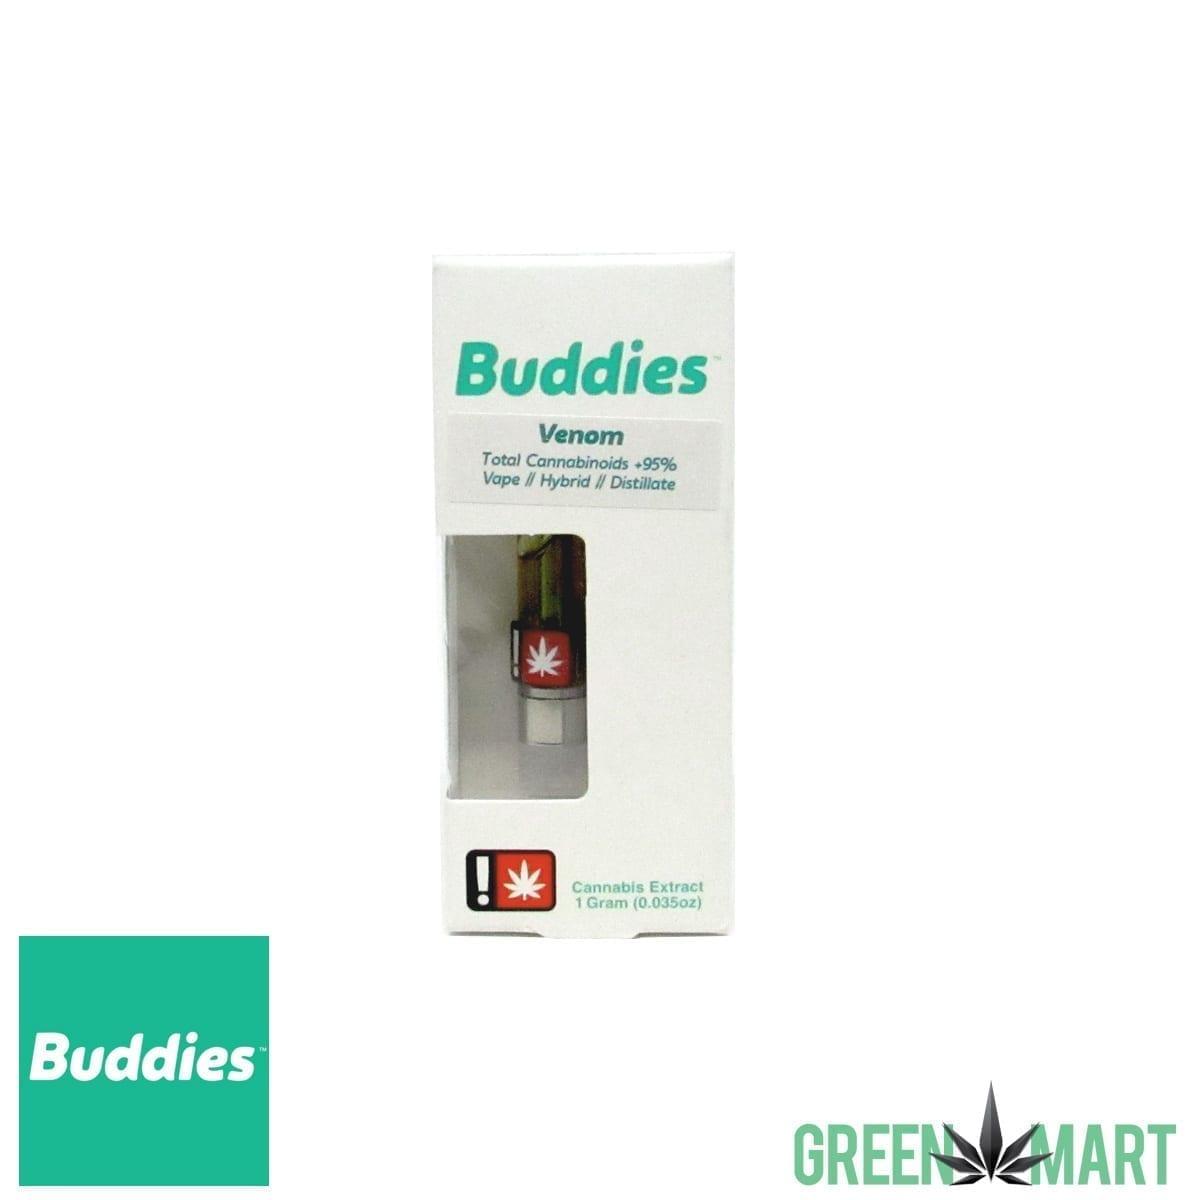 Buddies Brand Distillate Cartridge – Venom 1:1 – Green Mart